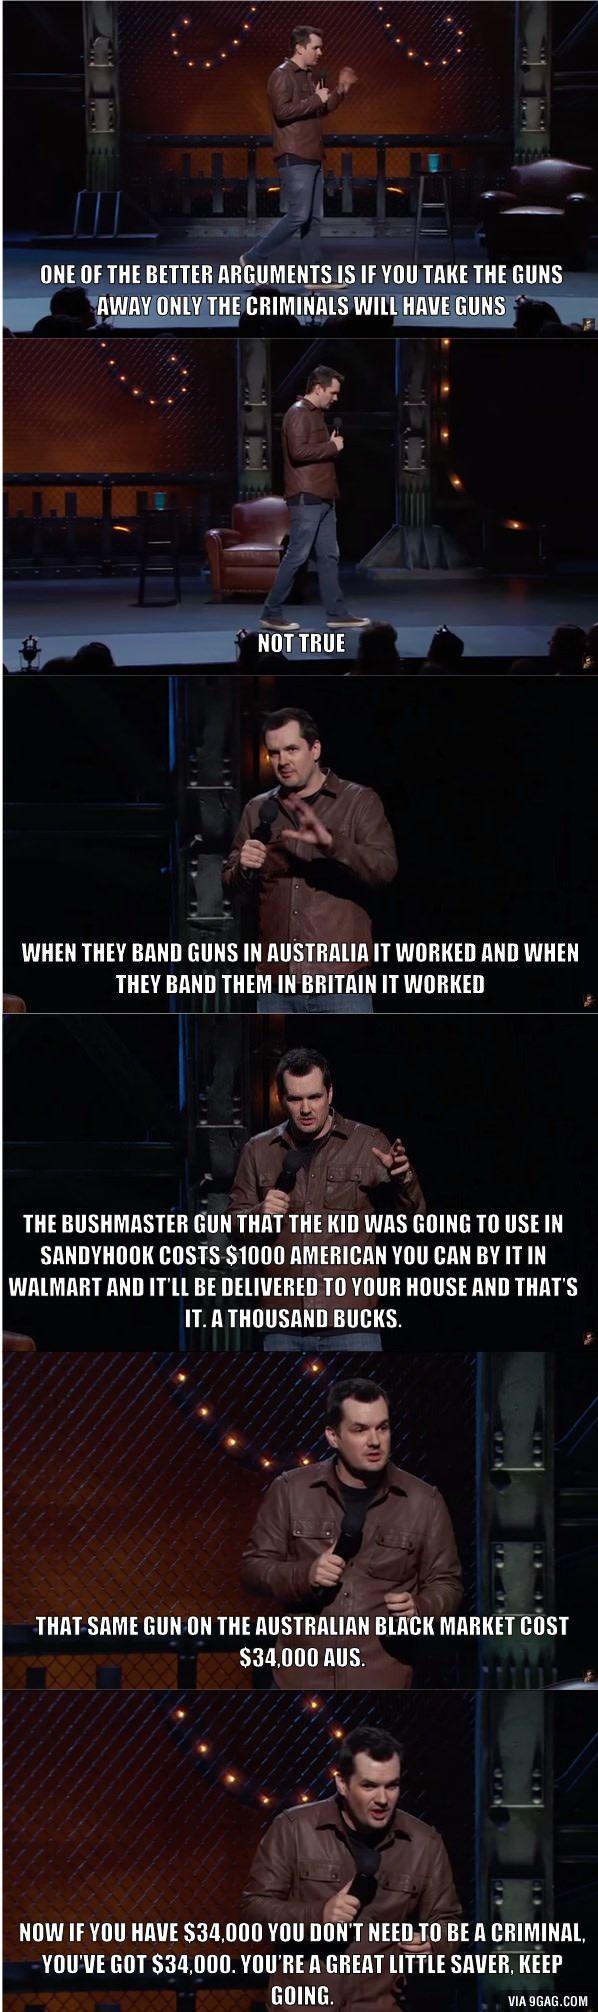 Jim Jefferies nails the gun control argument.